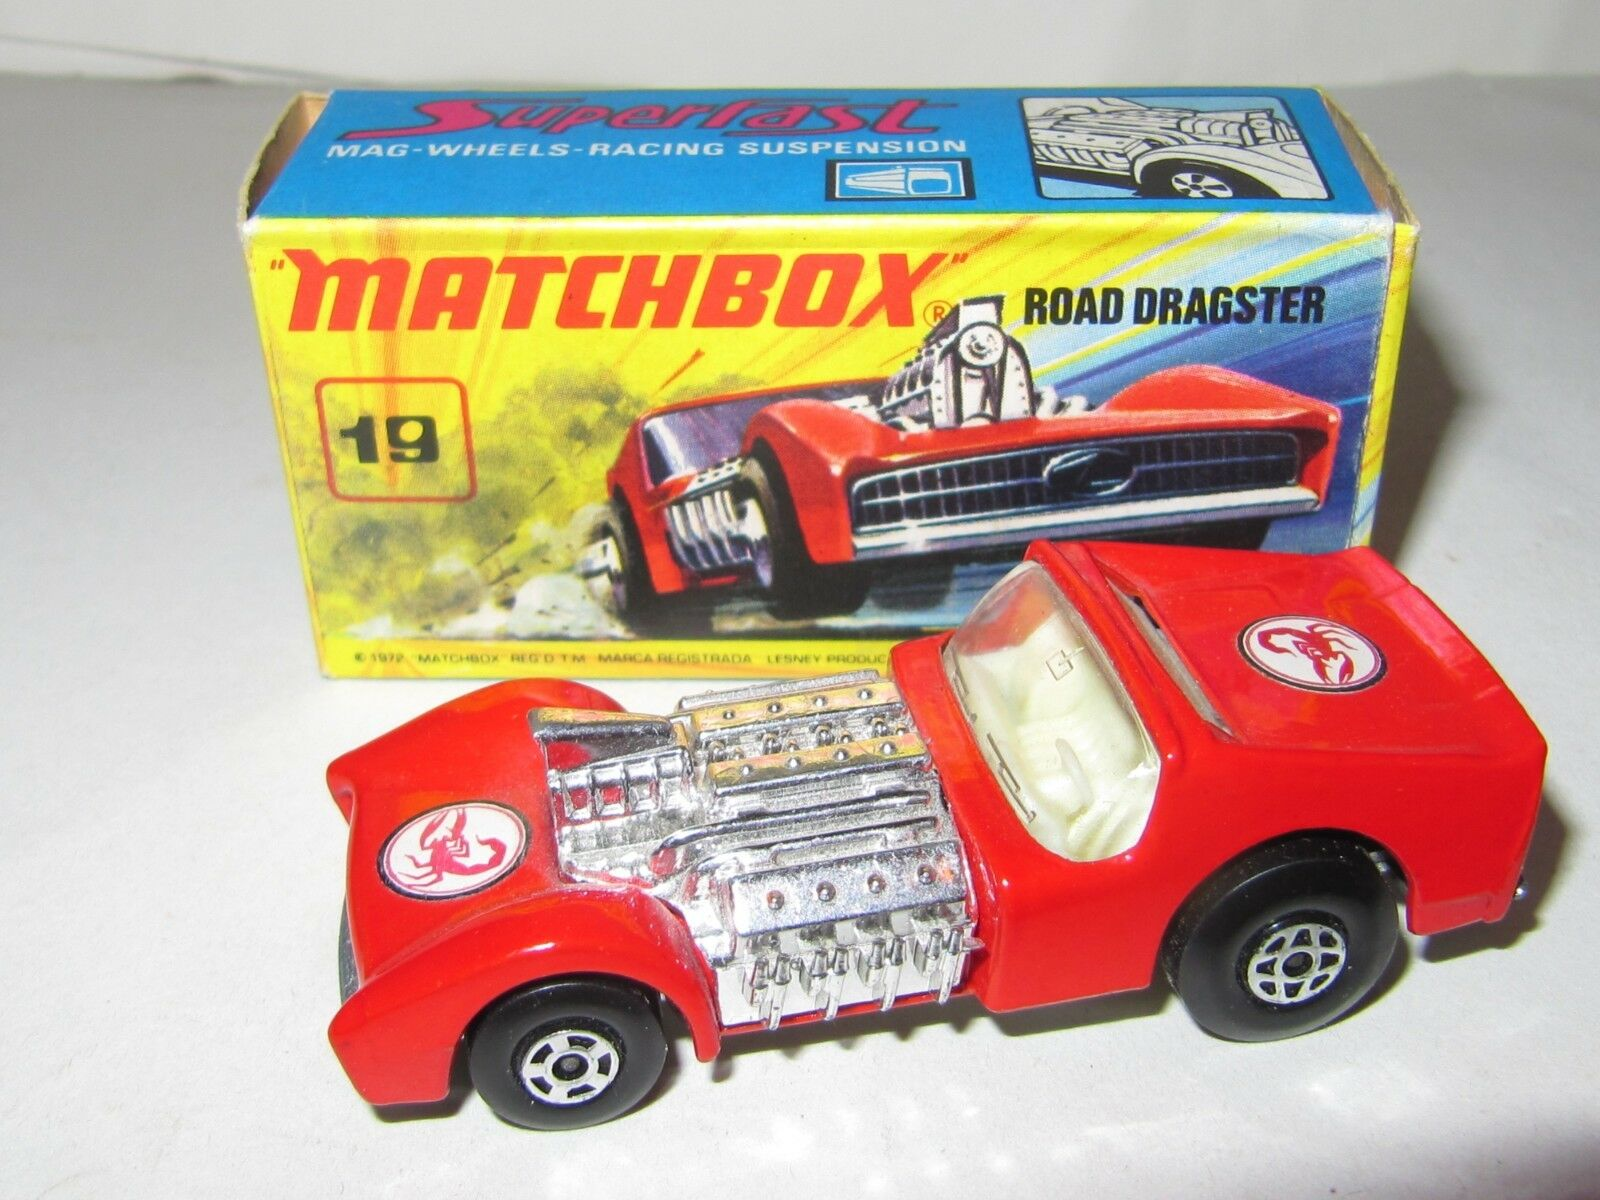 MATCHBOX SUPERFAST No.19 Road Dragster  Scorpion étiquette  En parfait état, dans sa boîte